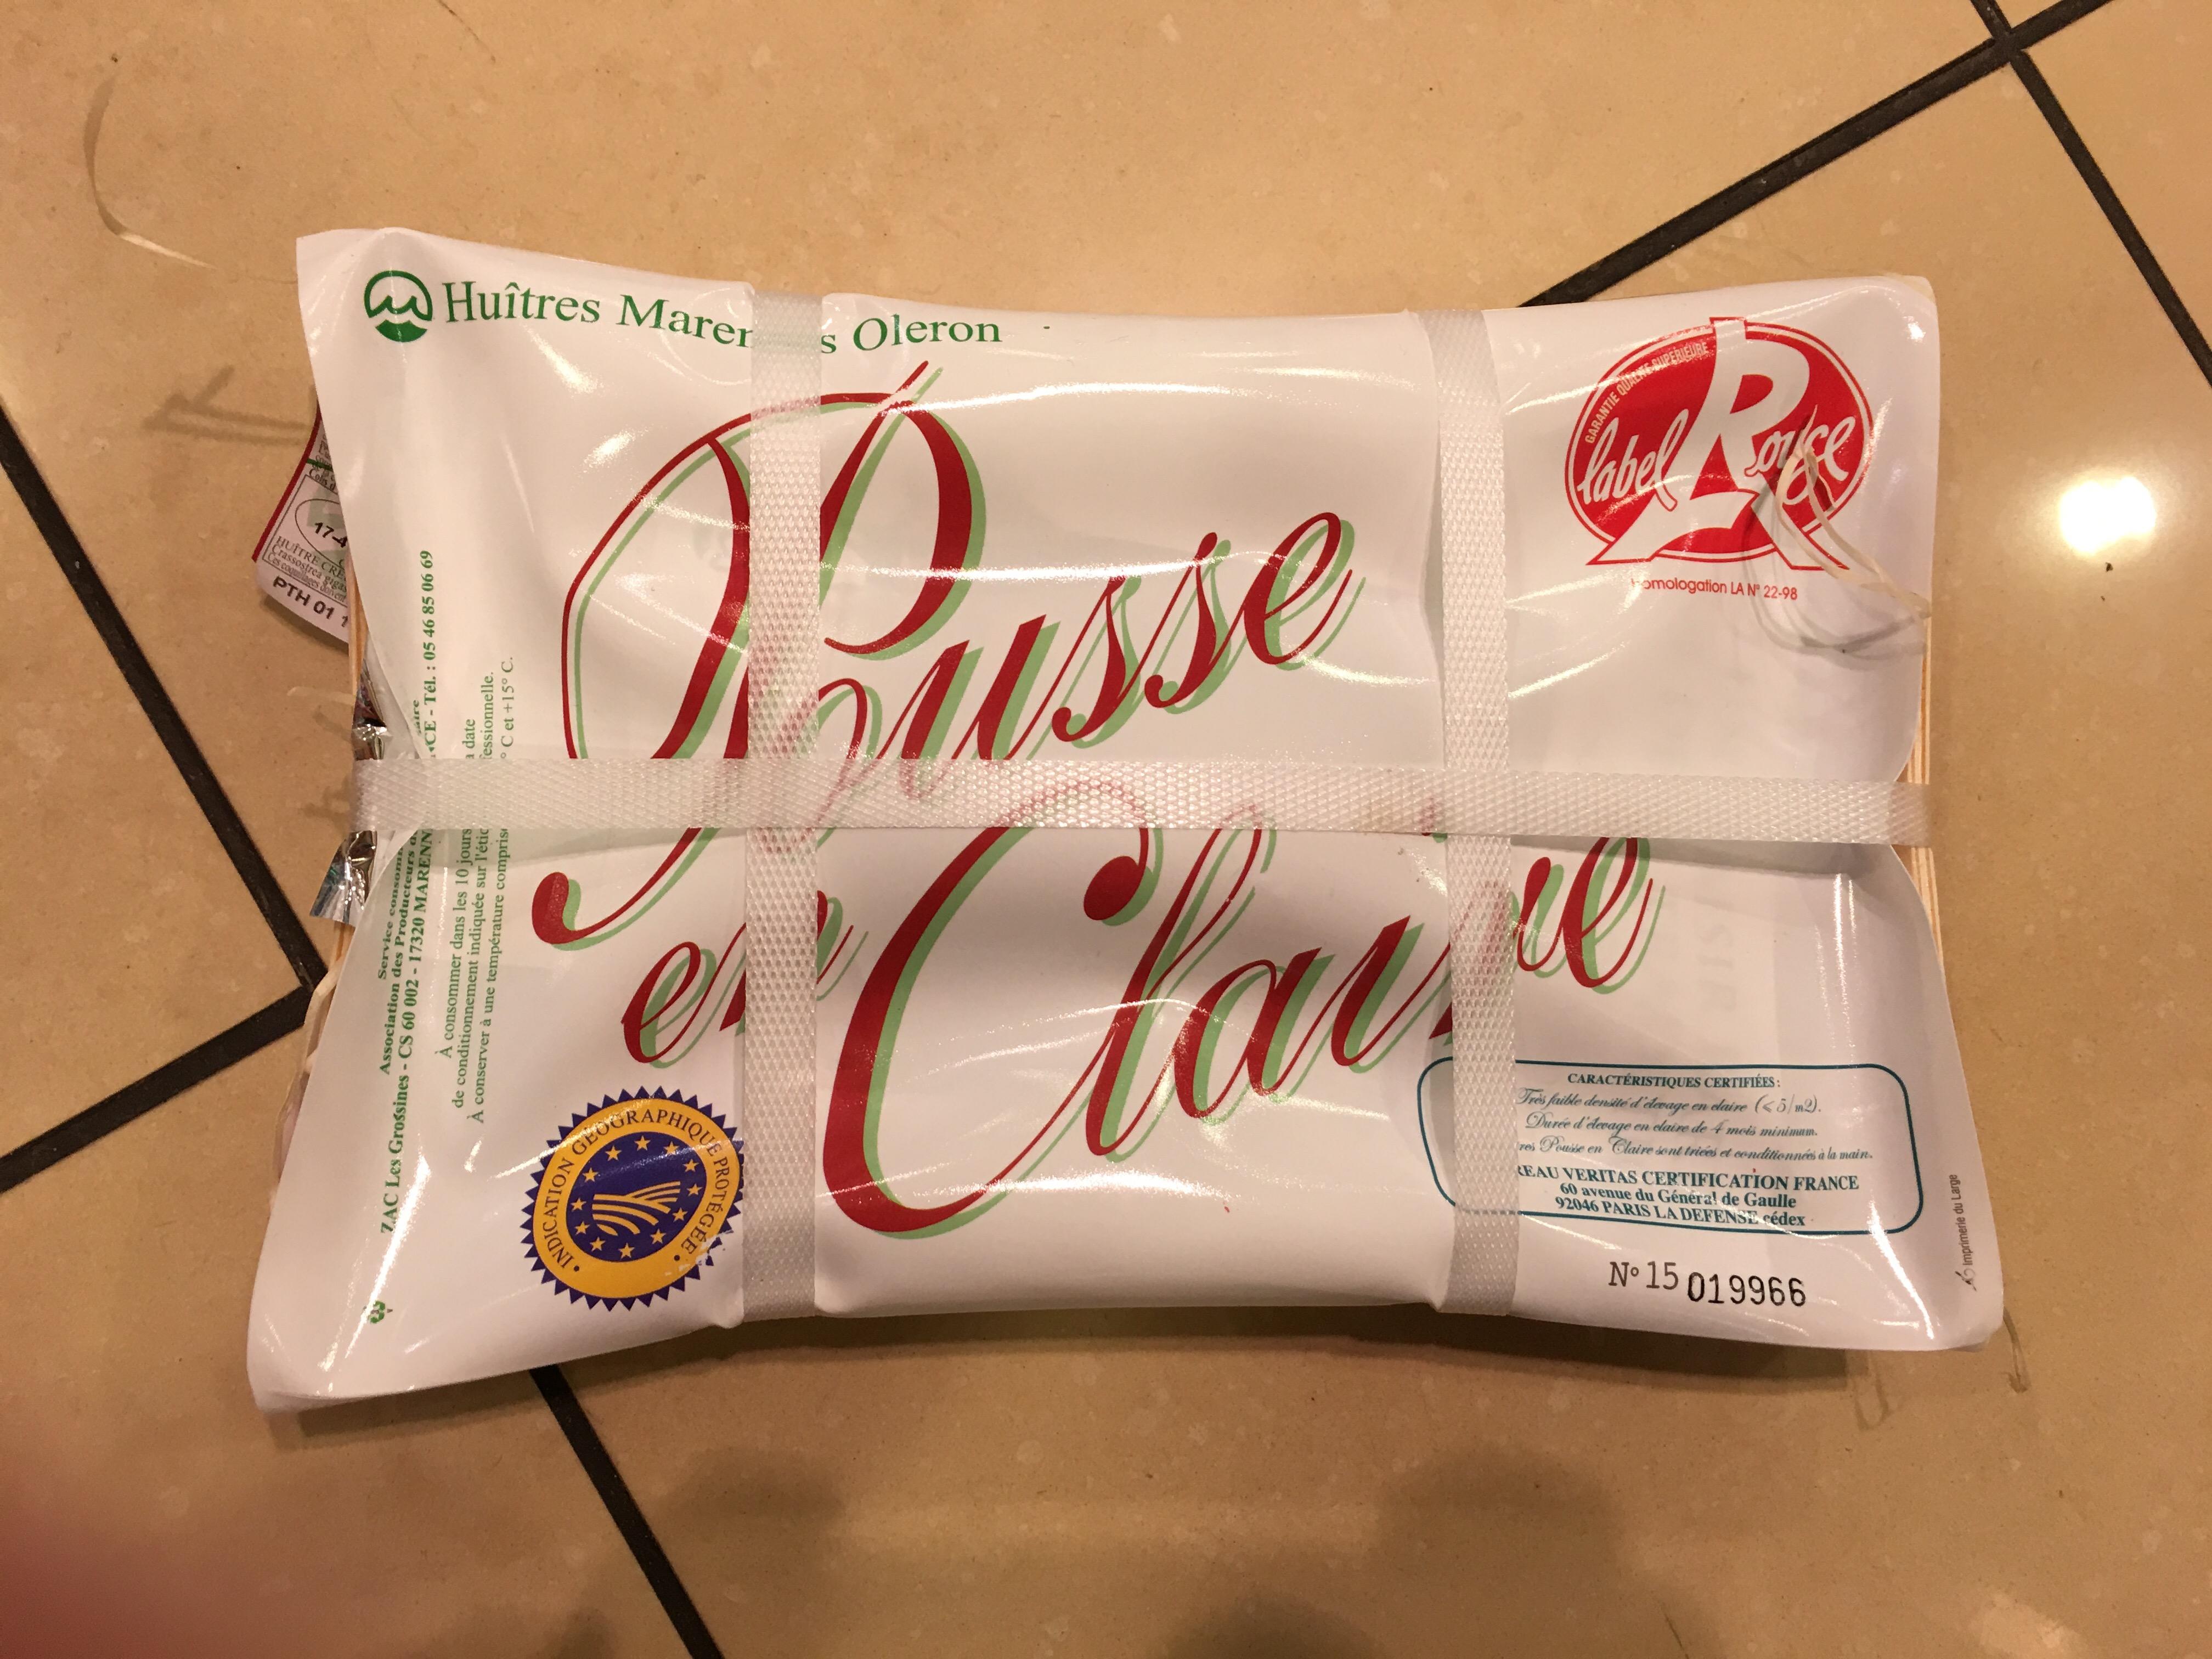 Pakke med østers indeholdt kniv. (Foto: Ole Boisselier-Malmgren)